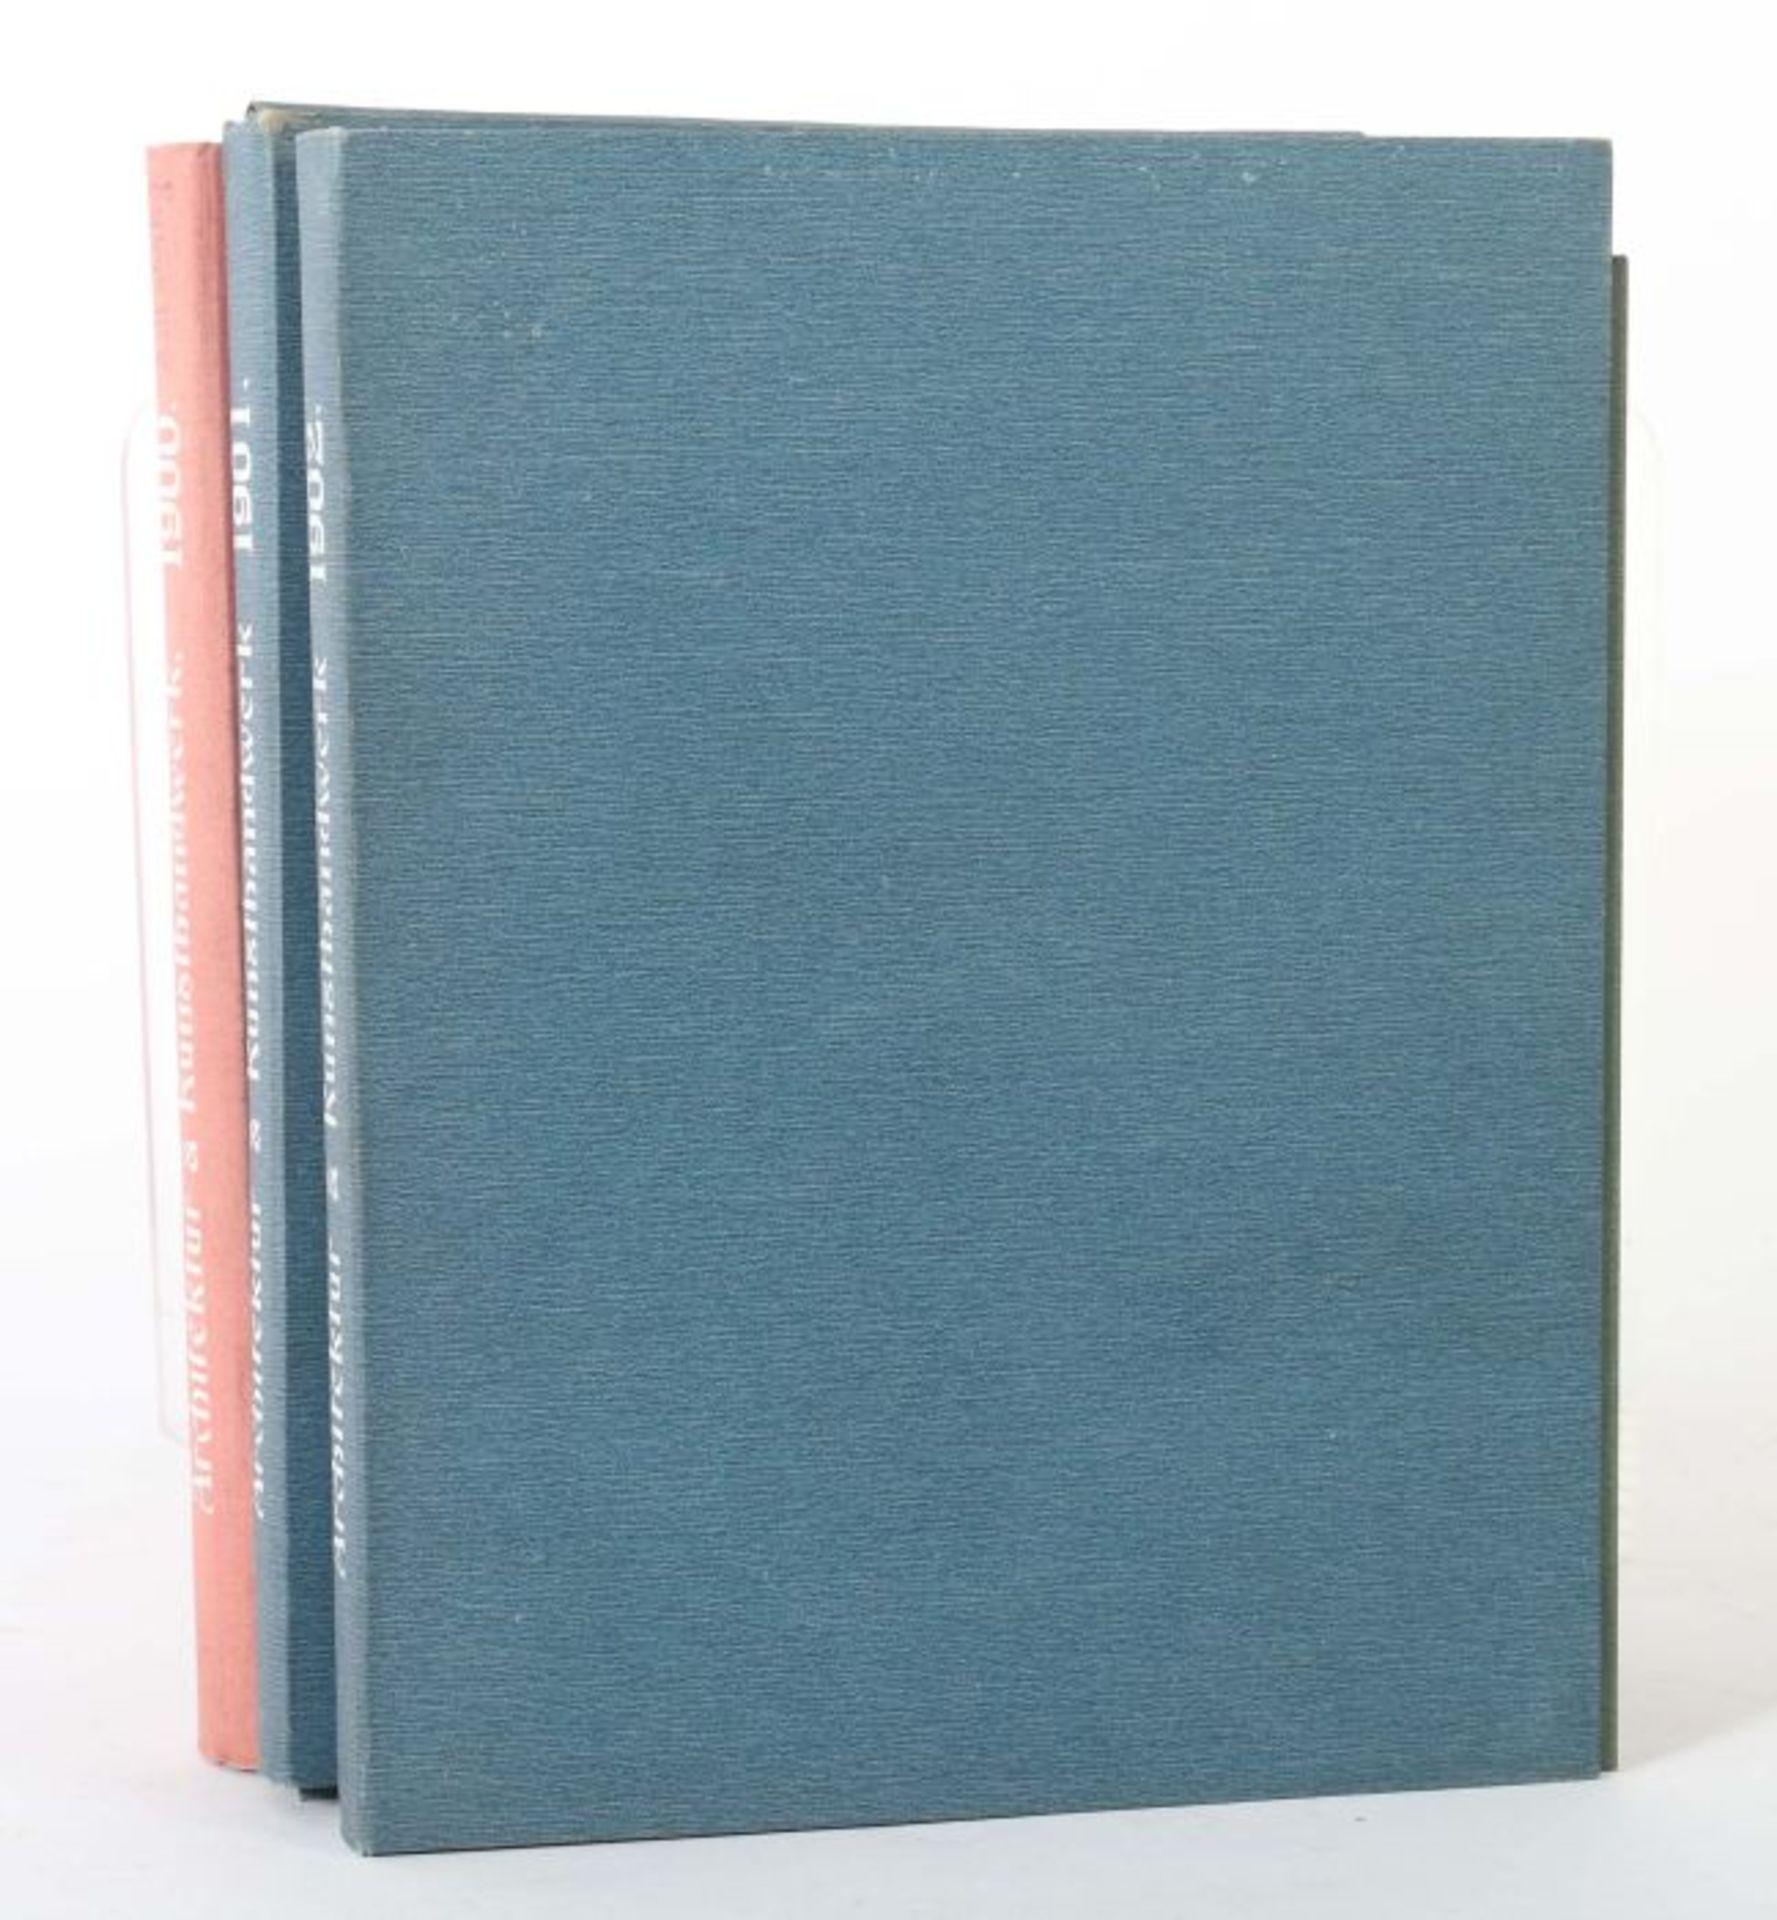 Blätter für Architektur und Kunsthandwerk Oldenbourg/Spielmeyer, Berlin, 1900-02, 3 Bde., je mit - Bild 2 aus 6